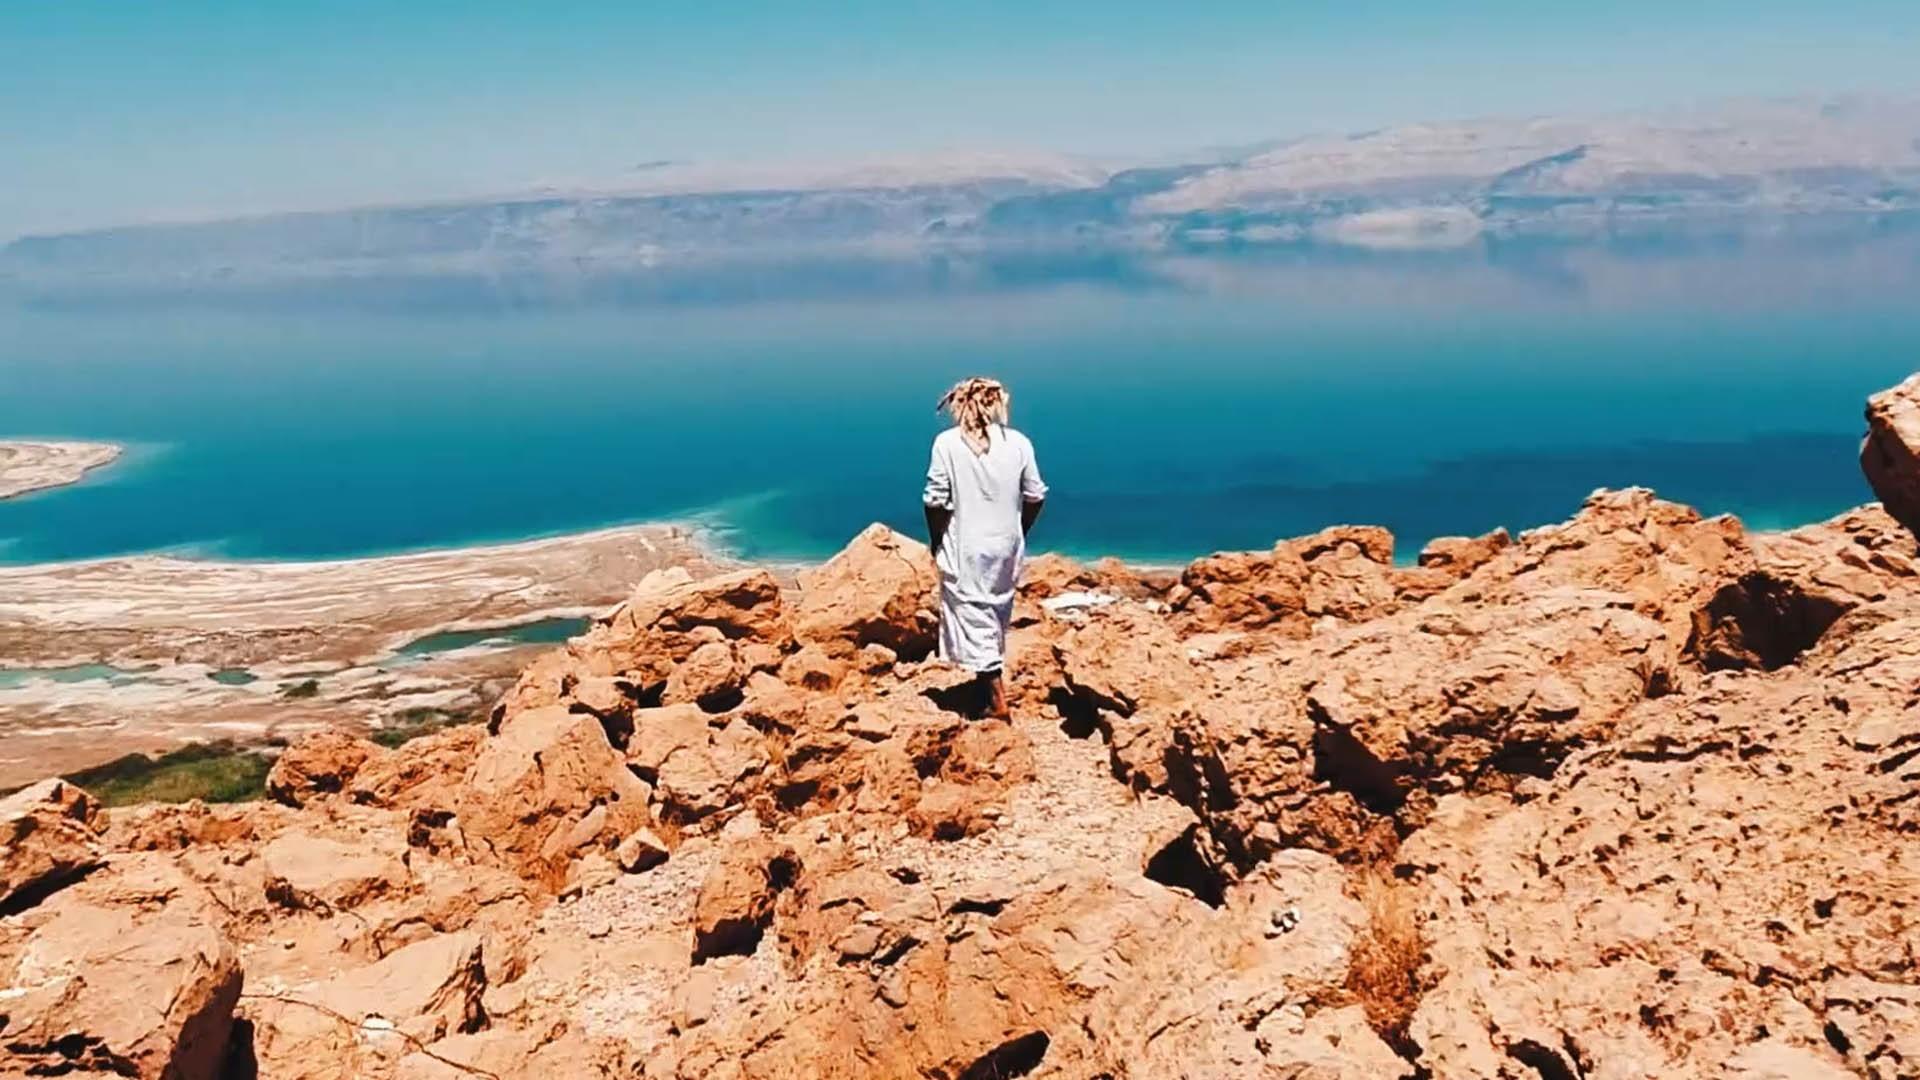 البحر الميت .. كنز الفلسطينيين المنهوب